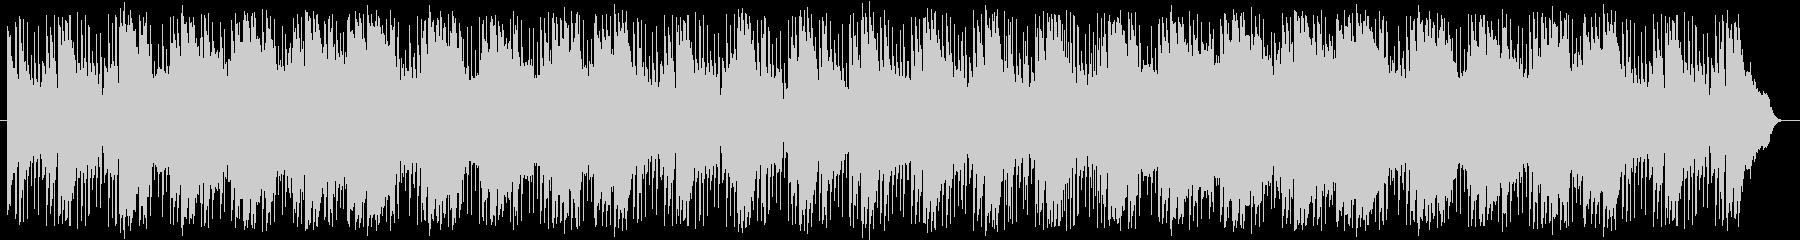 モンハン「ココット村」風民族楽曲の未再生の波形